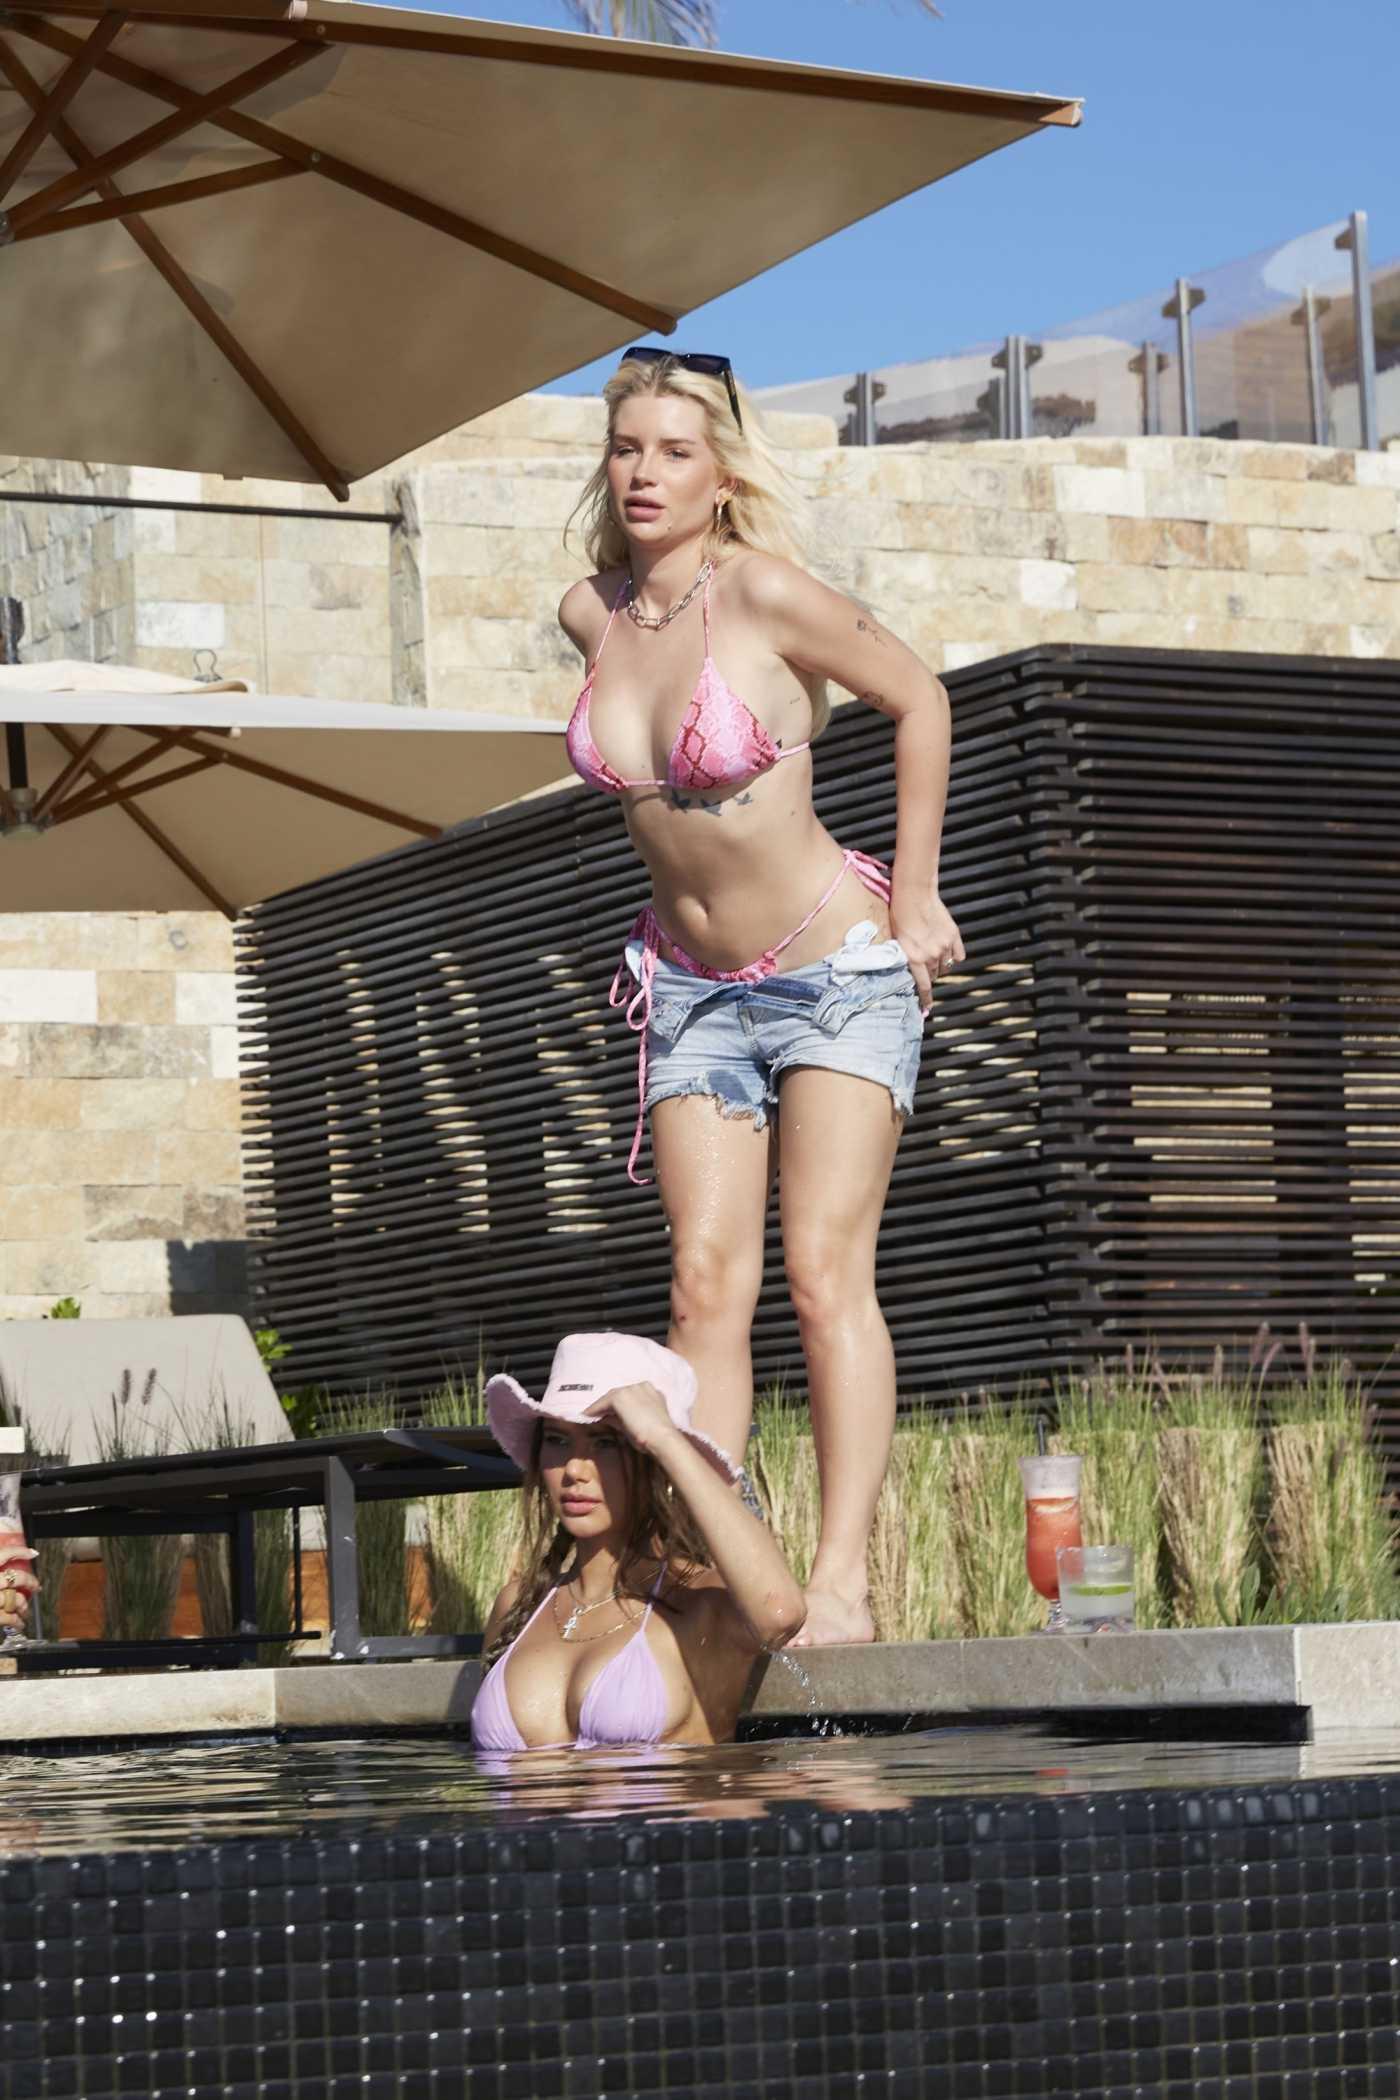 Lottie Moss in a Pink Bikini By the Pool in Palm Springs 02/17/2021